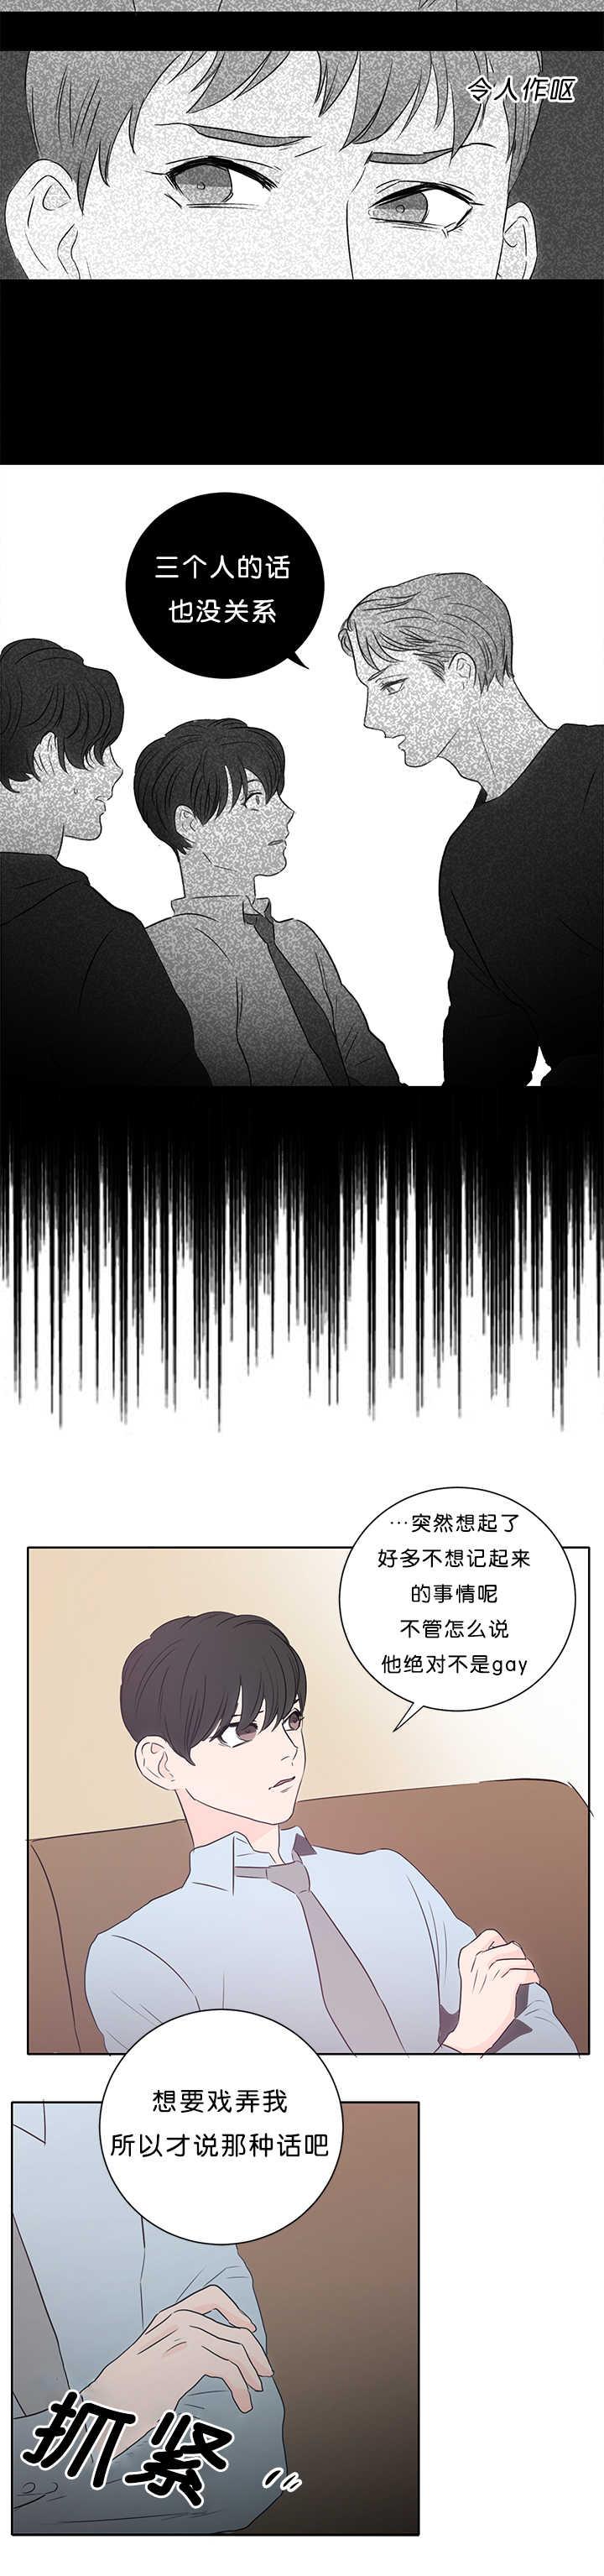 《竹马是只狼》韩漫 完整版(全文免费阅读)